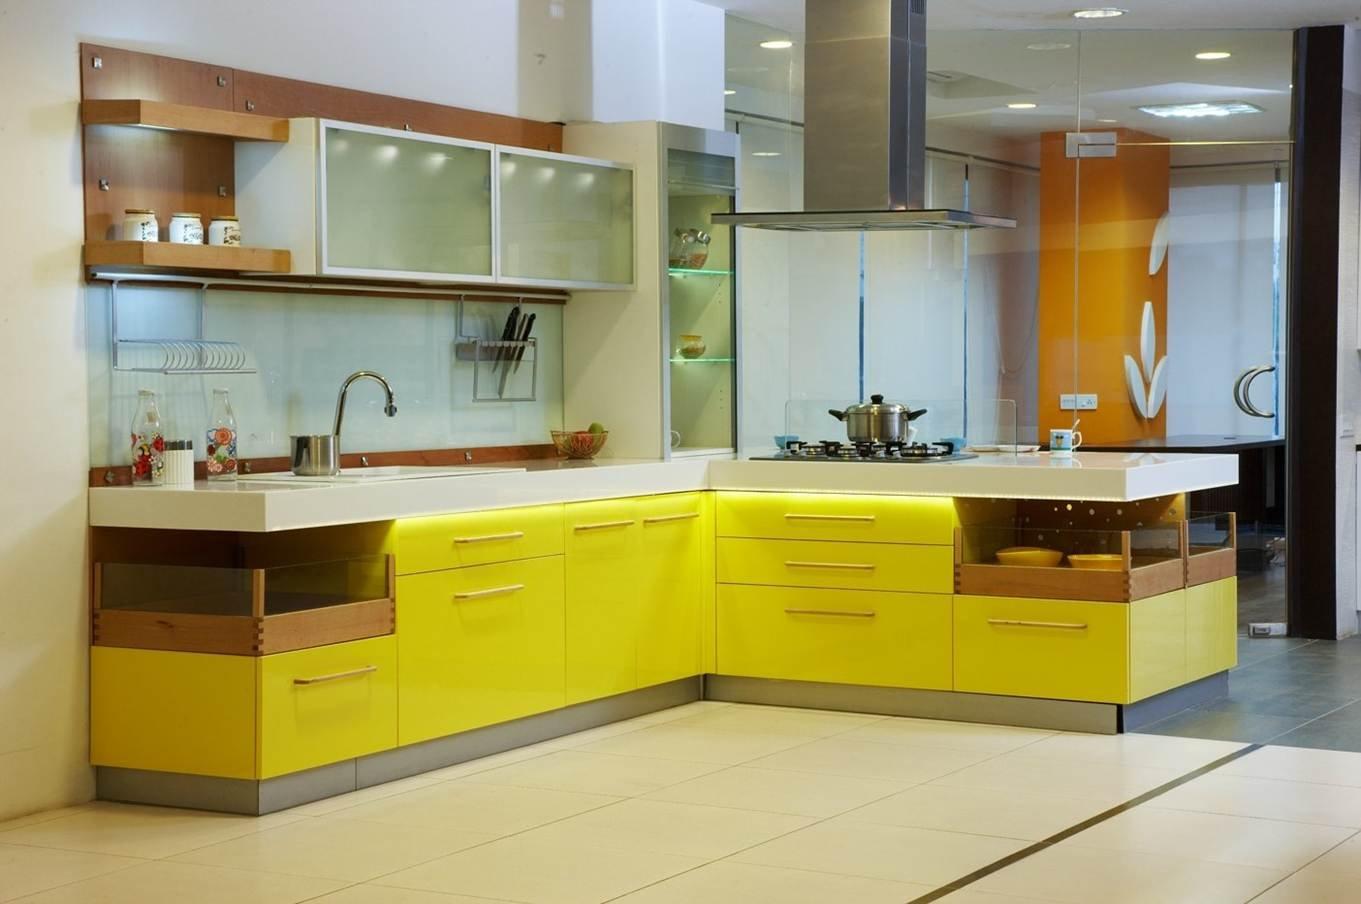 modulopbygget-køkken-3d-designede-images-43